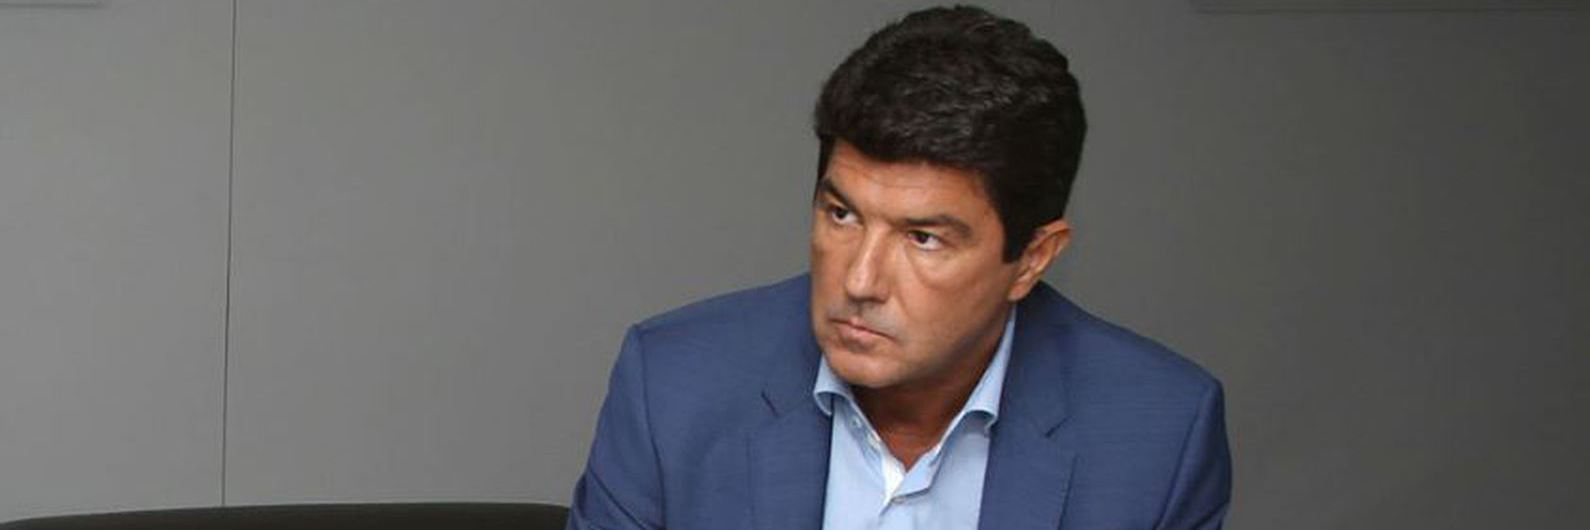 """Luís Bernardo: """"O Benfica não estava preparado para lidar com o crime organizado"""""""